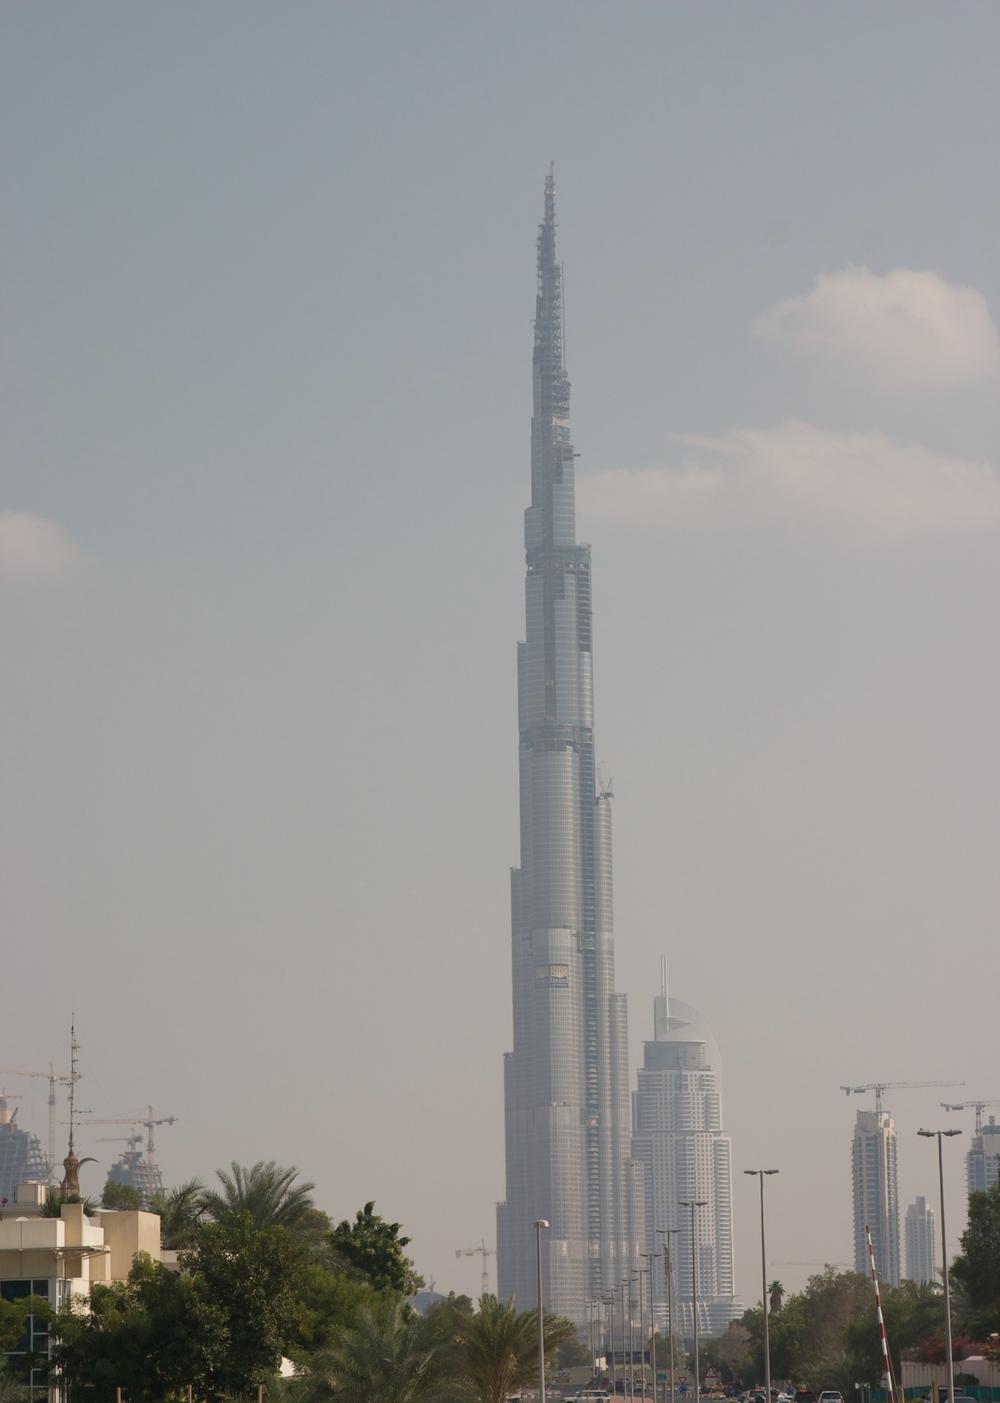 Dubai112008++317+1-664424032-O.jpg